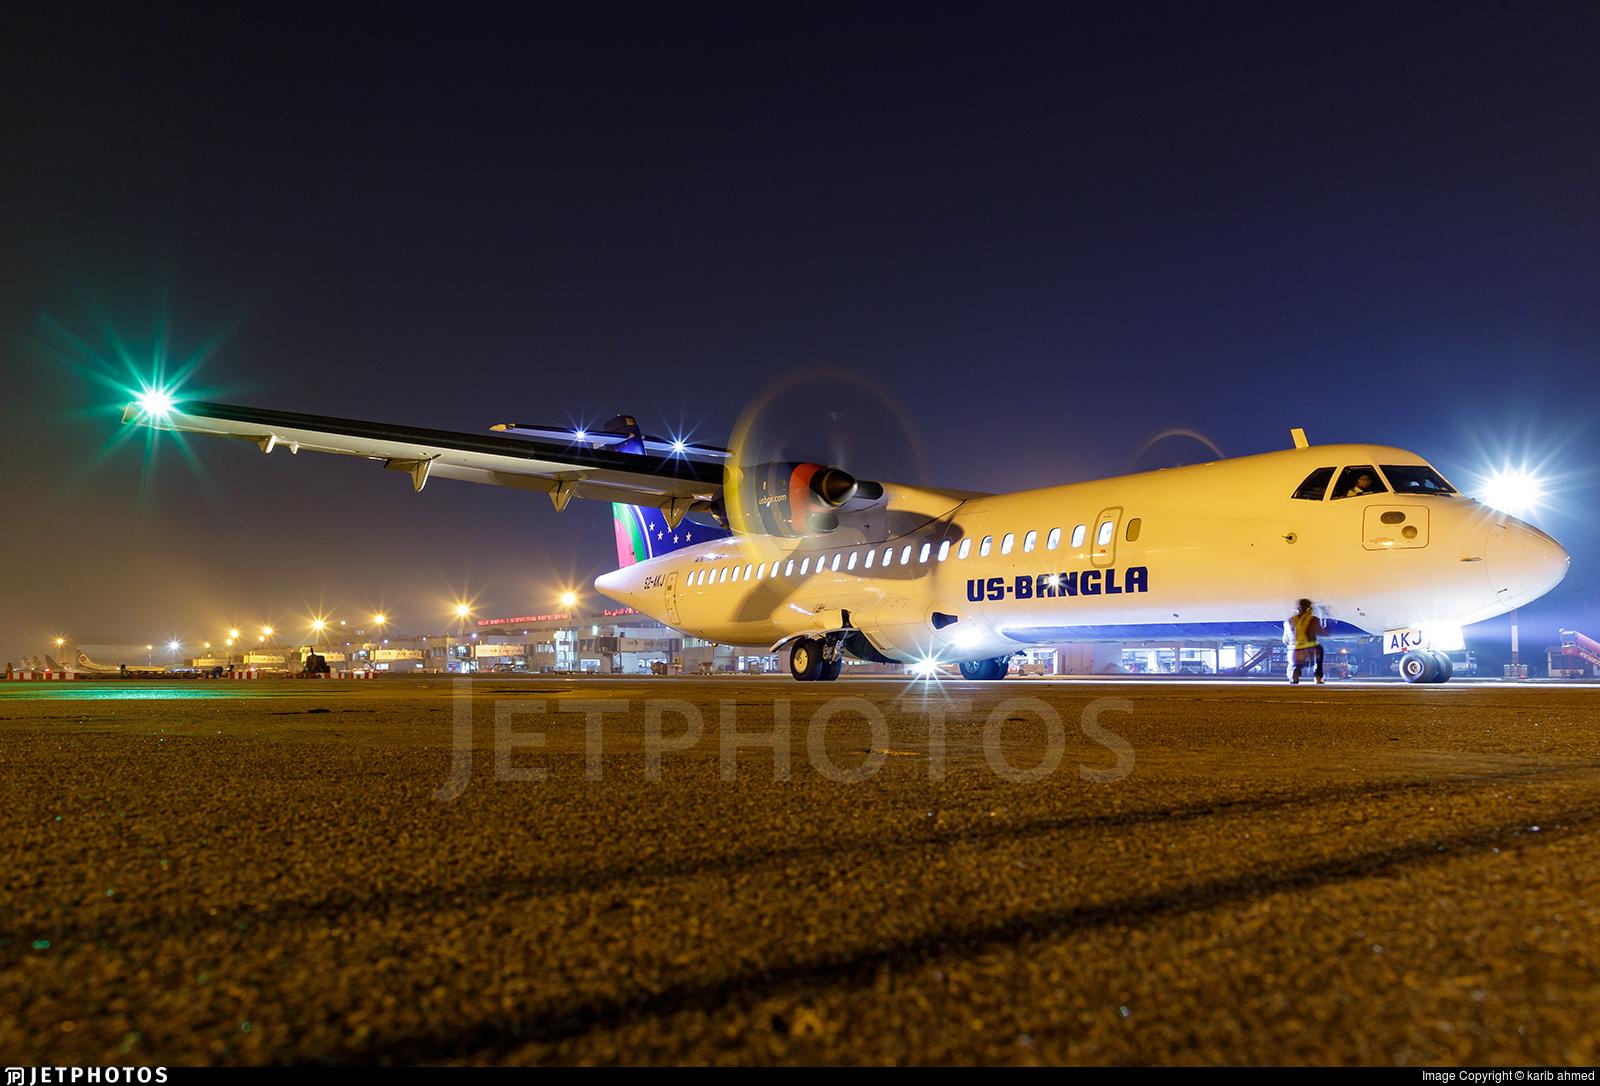 S2-AKJ - ATR 72-212A(600) - US-Bangla Airlines